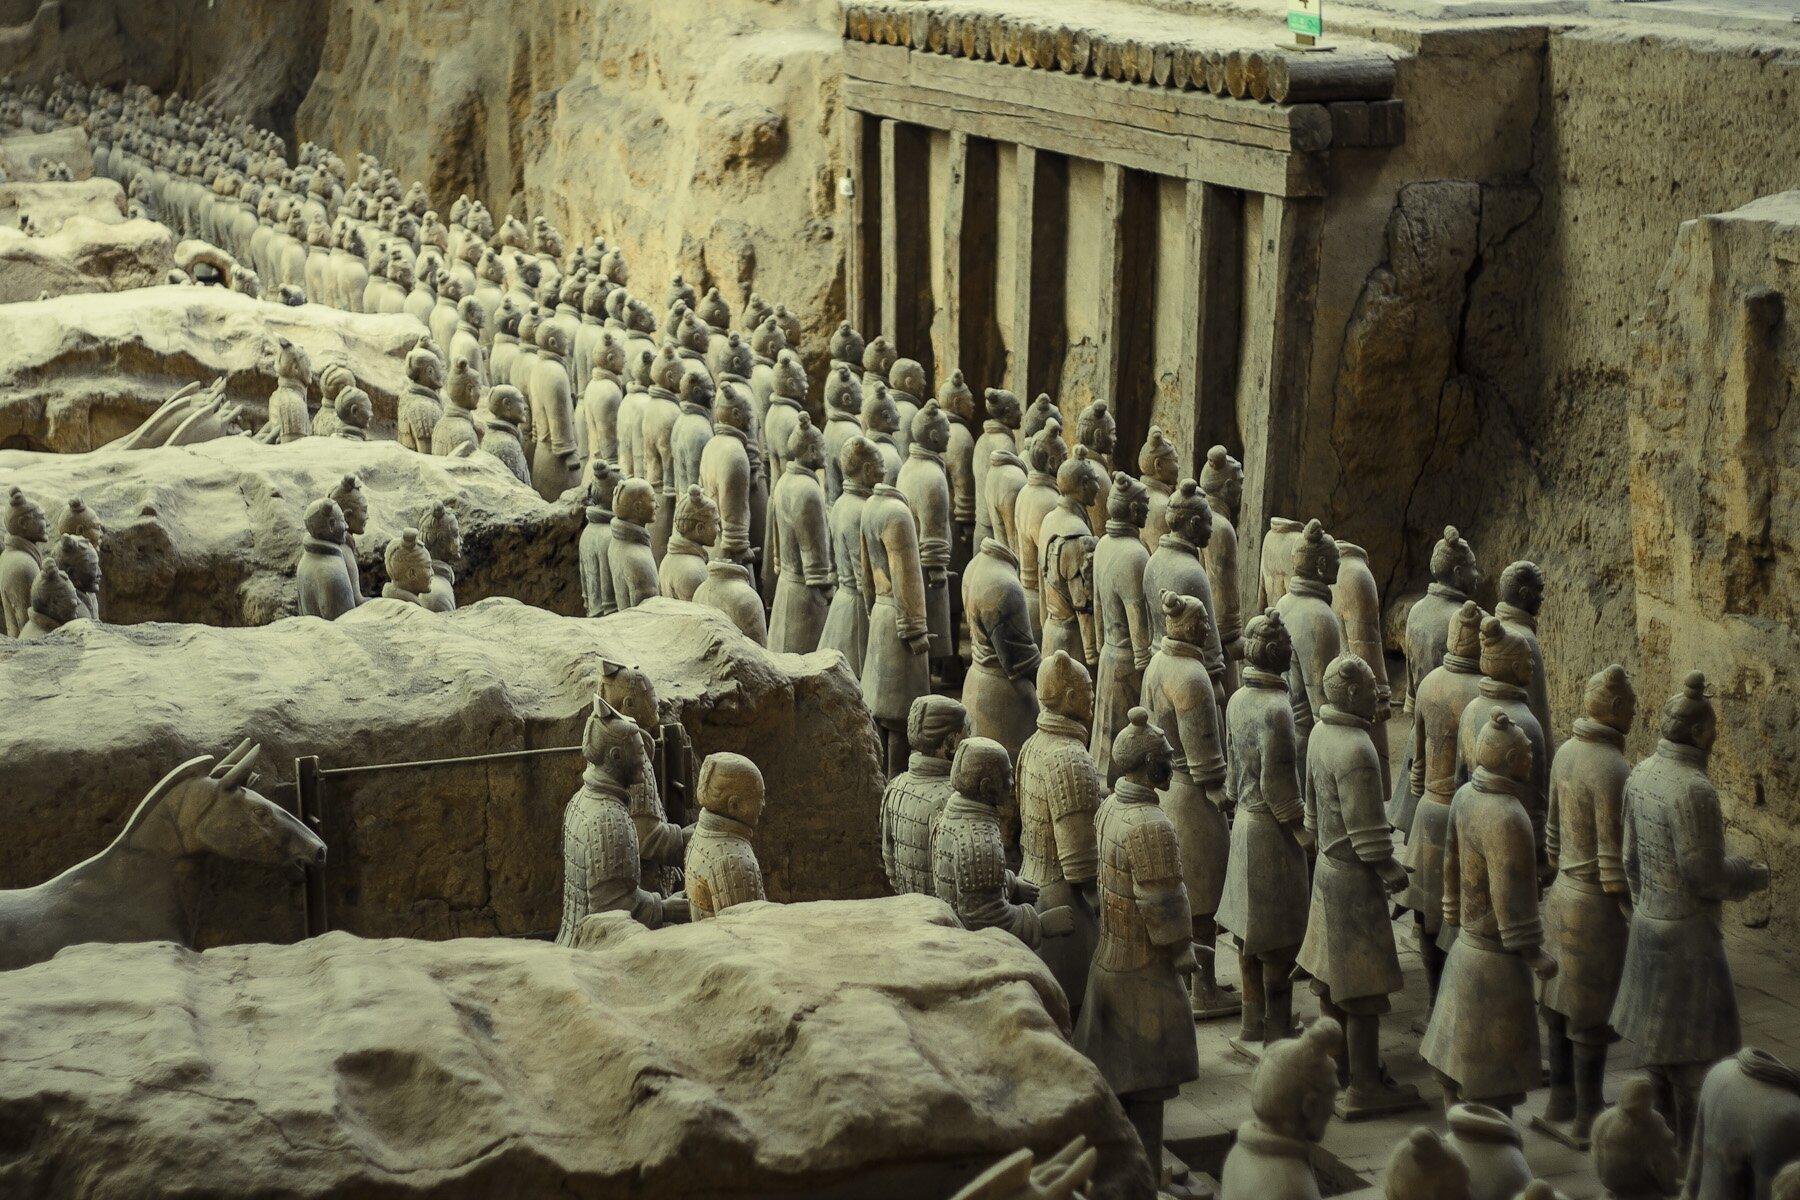 Fotografia przedstawia kamienne posągi żołnierzy chińskich stojących obok siebie. Między nimi widać kamienne bloki izwierzęta. Postacie stoją na przeciwko kamiennej ściany.